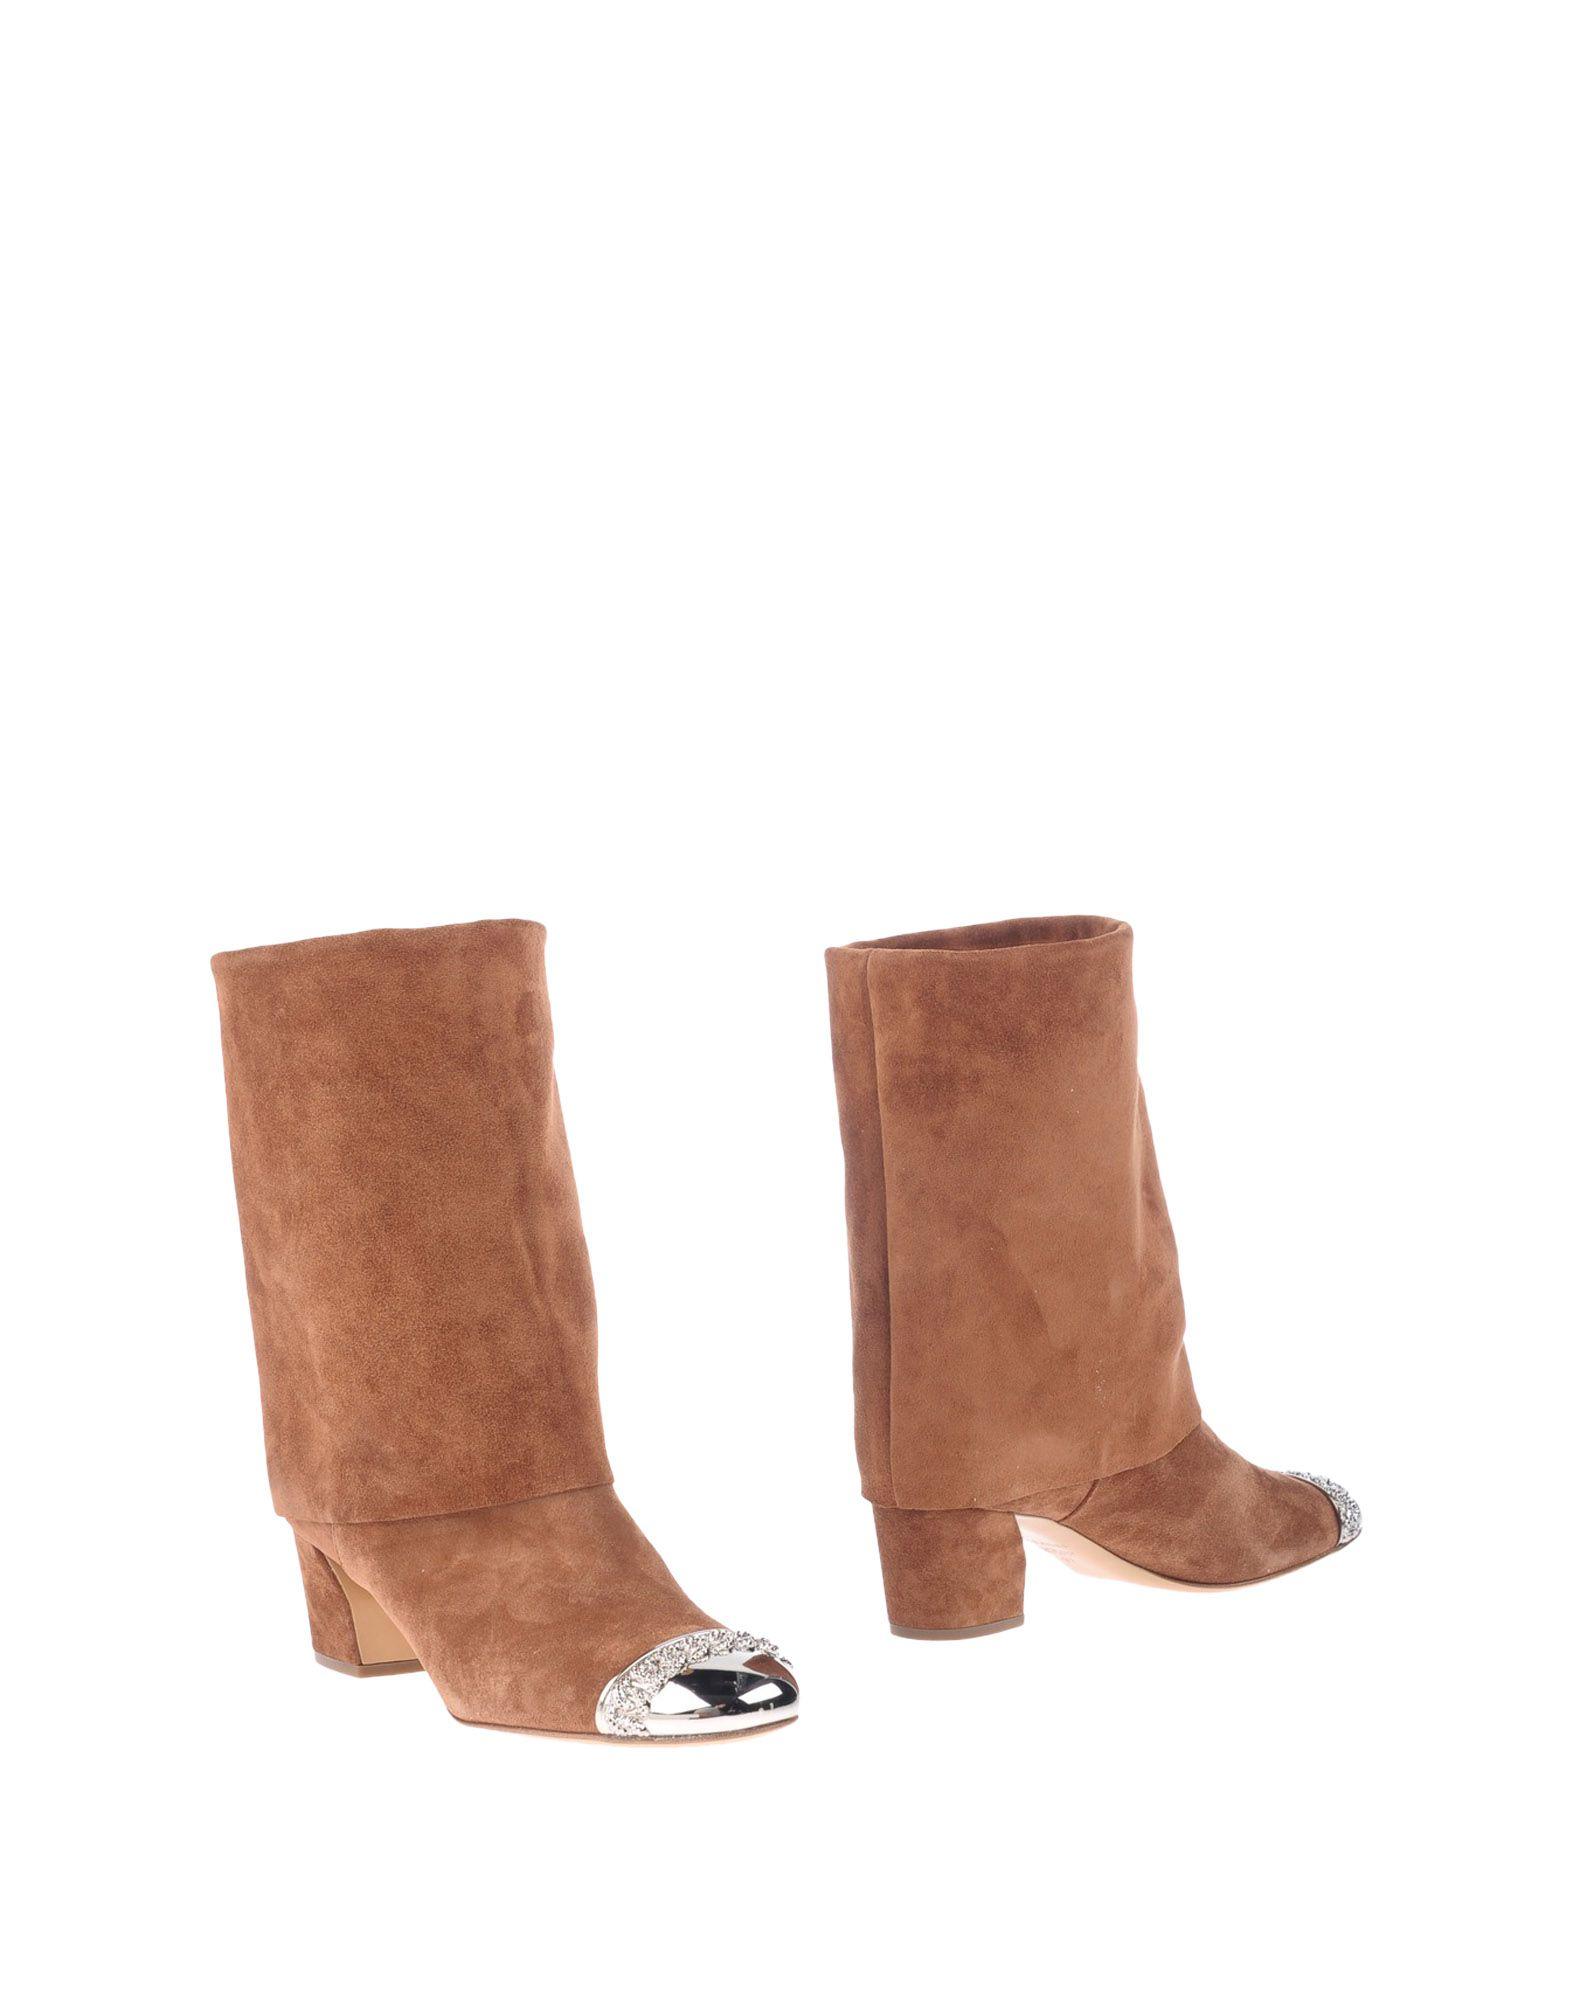 Casadei Stiefelette Damen  11309025HIGünstige gut aussehende Schuhe